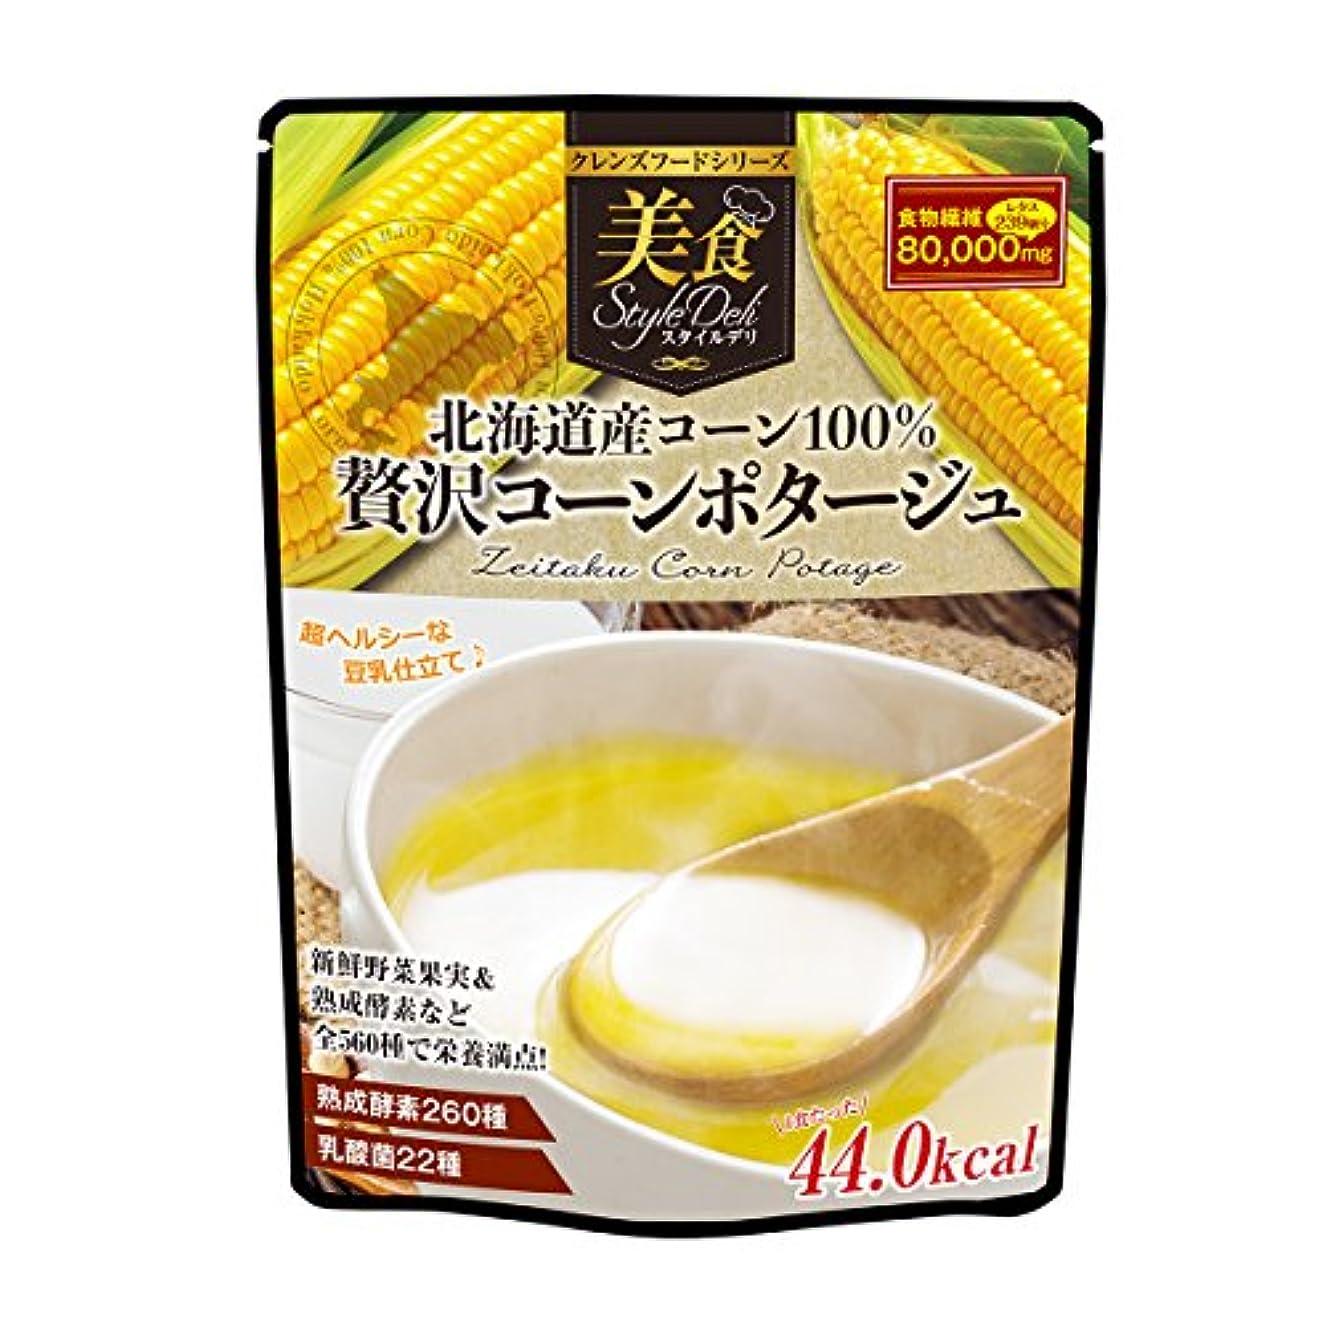 旅クライアント治療北海道産コーン100% 贅沢コーンポタージュ